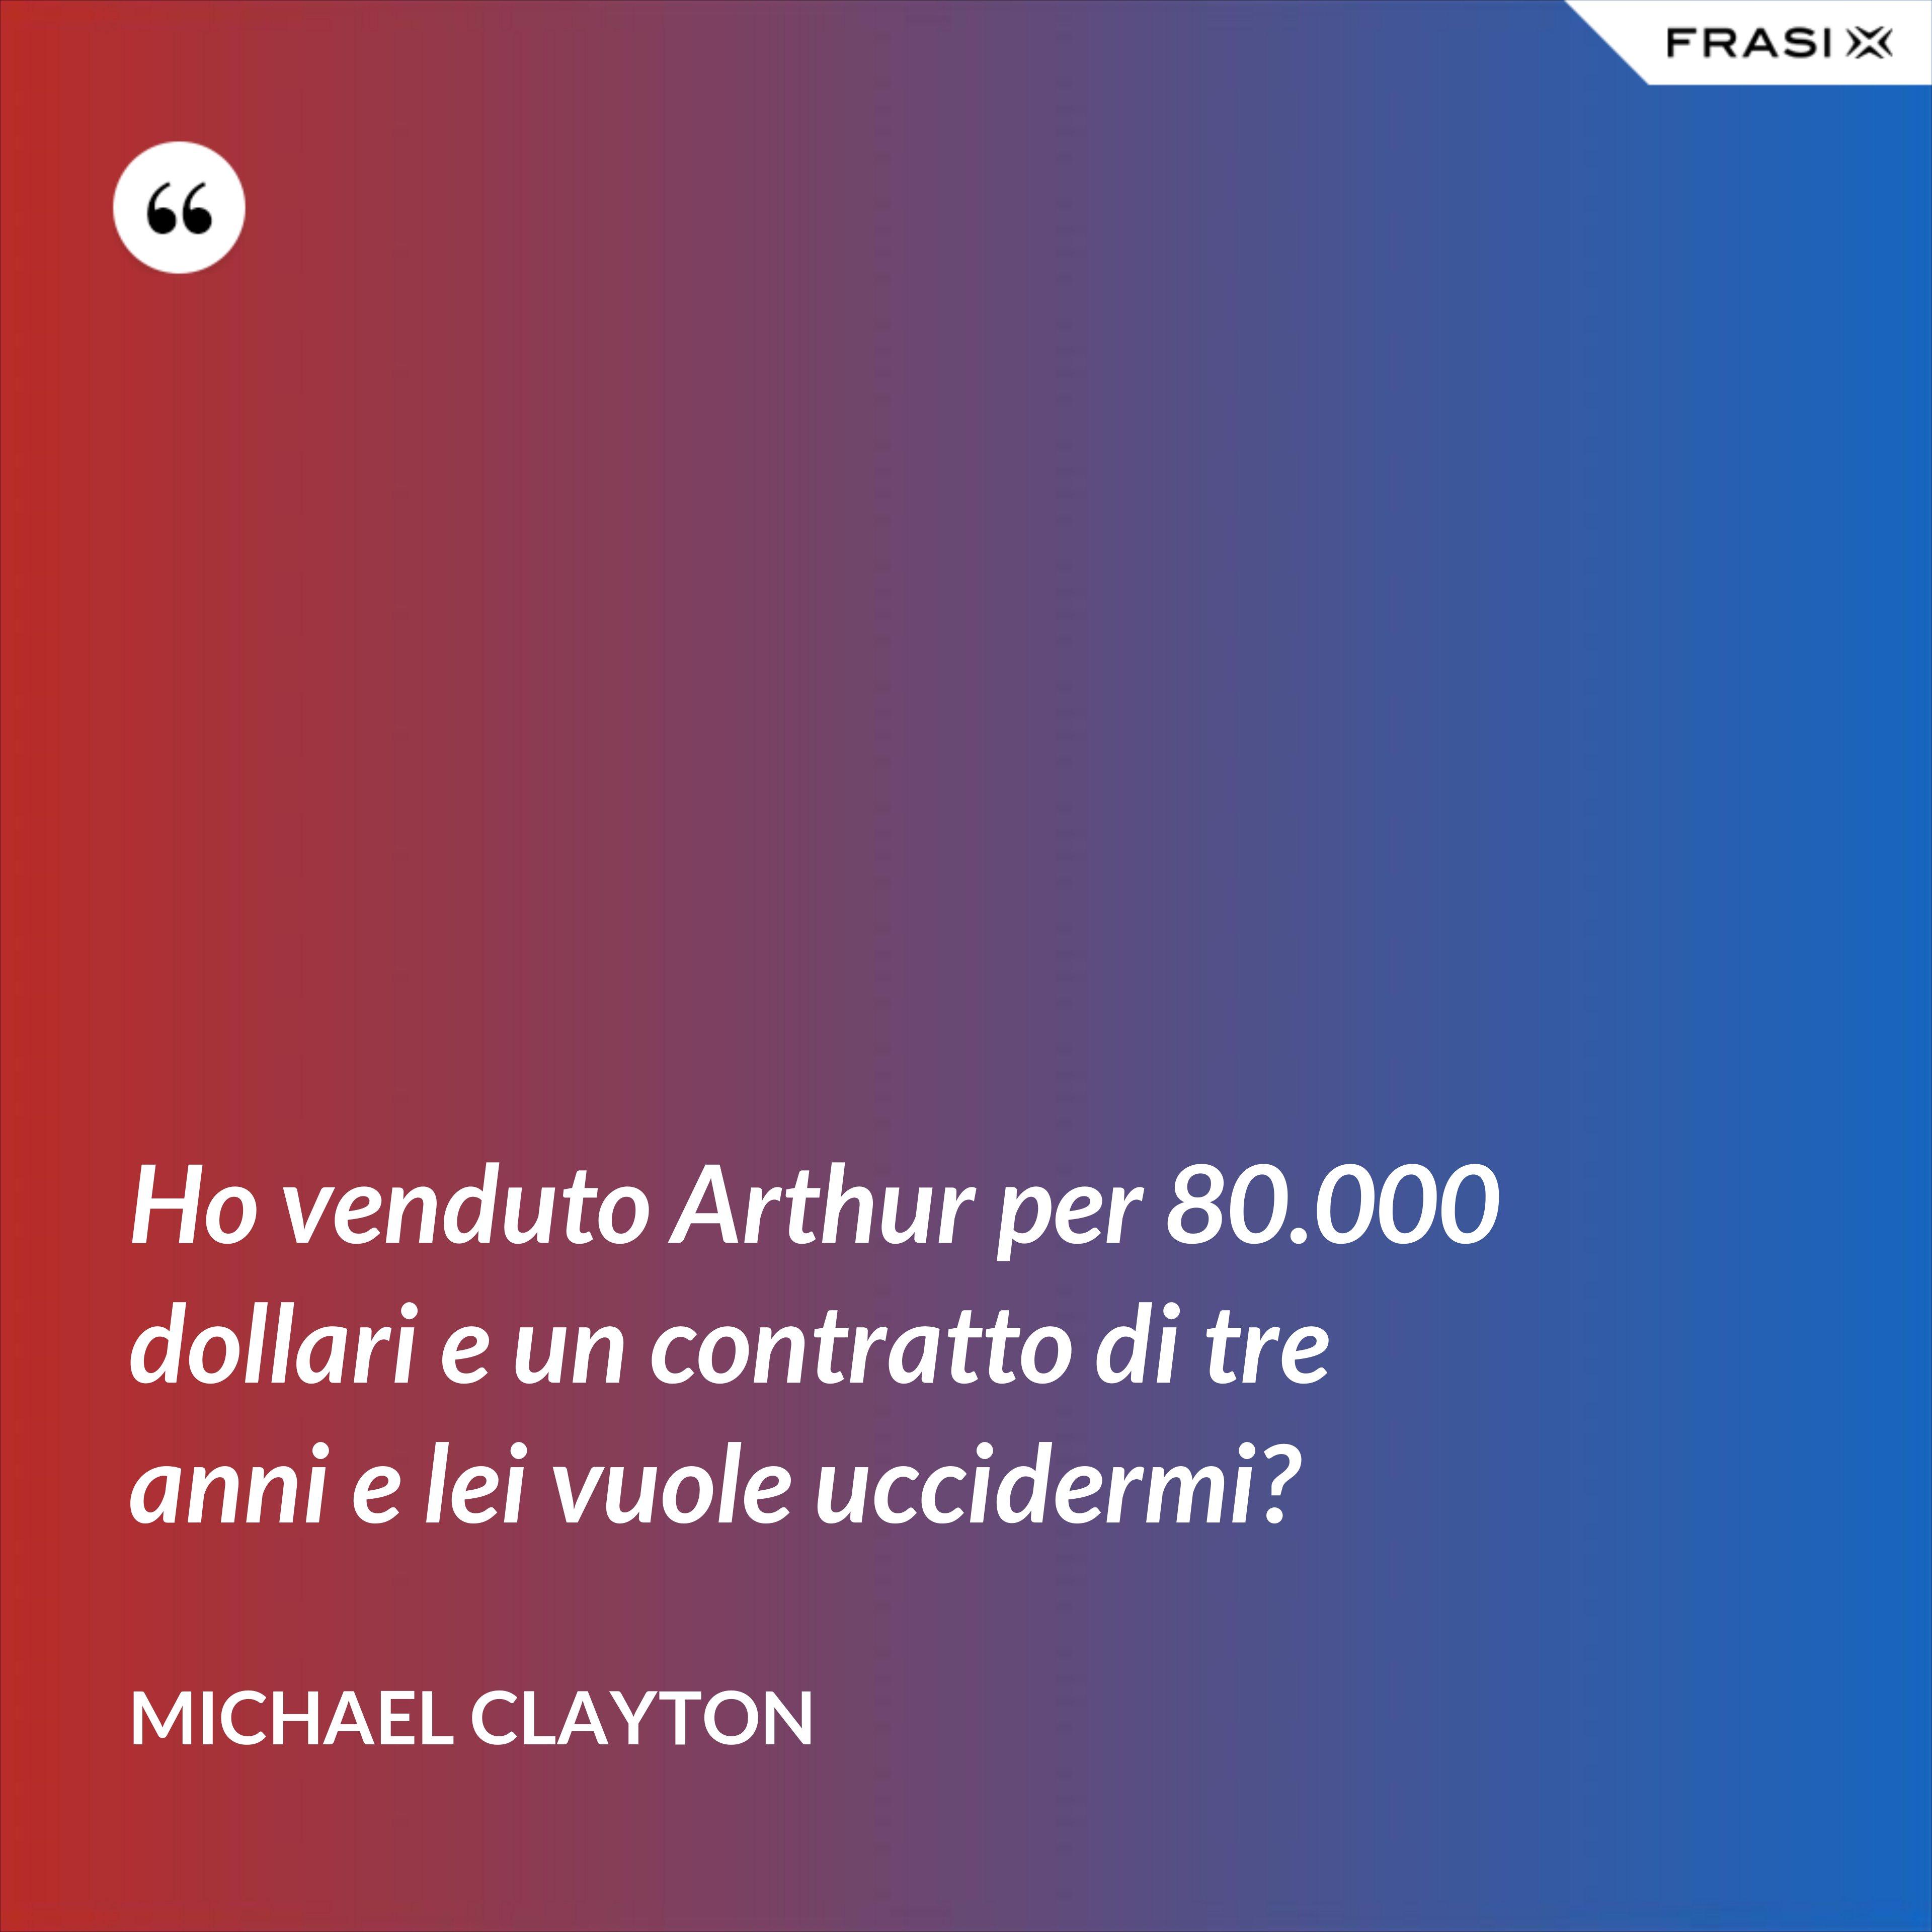 Ho venduto Arthur per 80.000 dollari e un contratto di tre anni e lei vuole uccidermi? - Michael Clayton